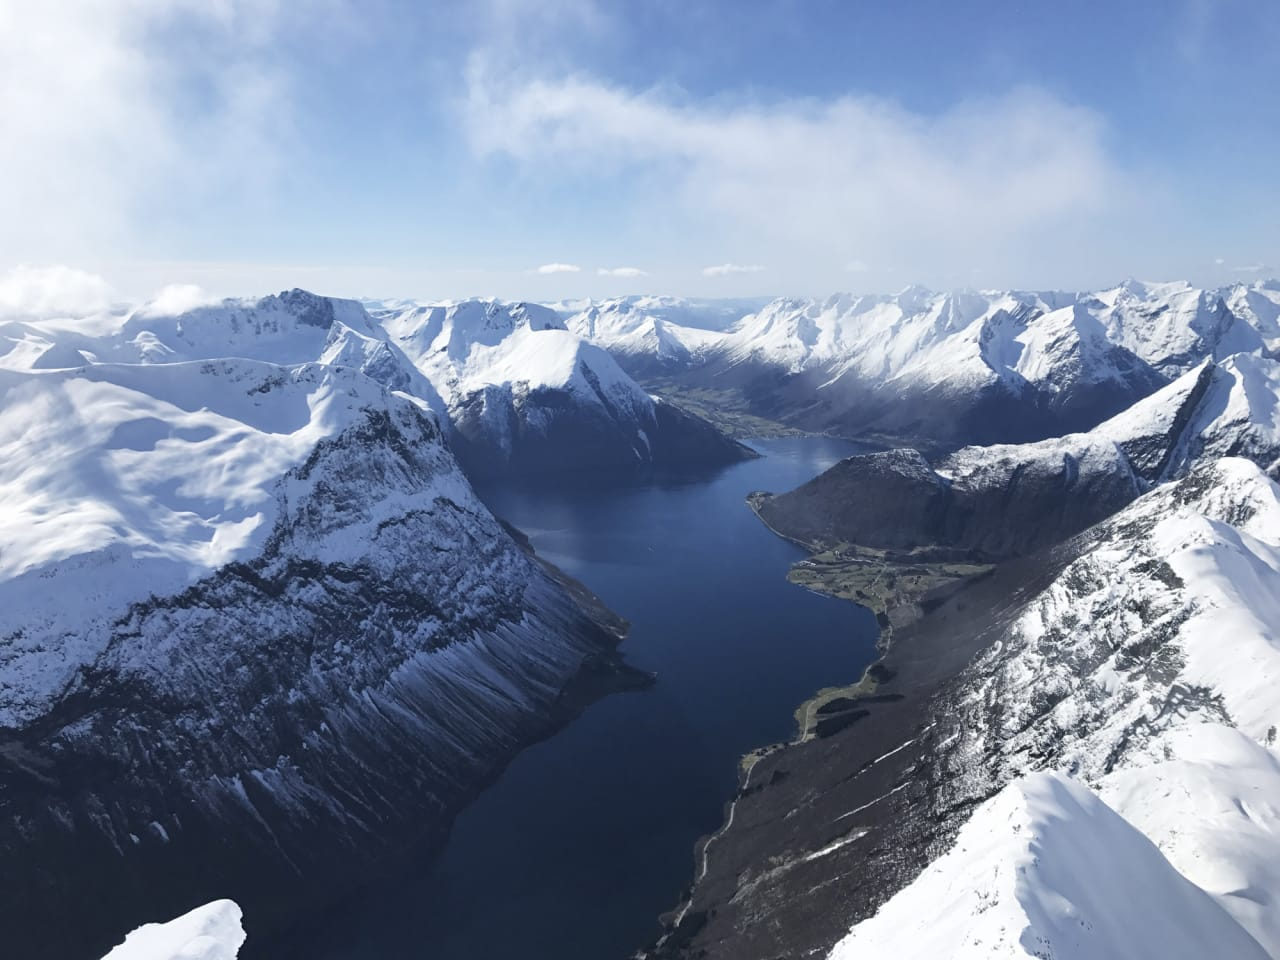 FJORDEN RUNDT: Turen rundt Hjørundfjorden går gjennom noe av det fineste toppturterrenget i Norge.